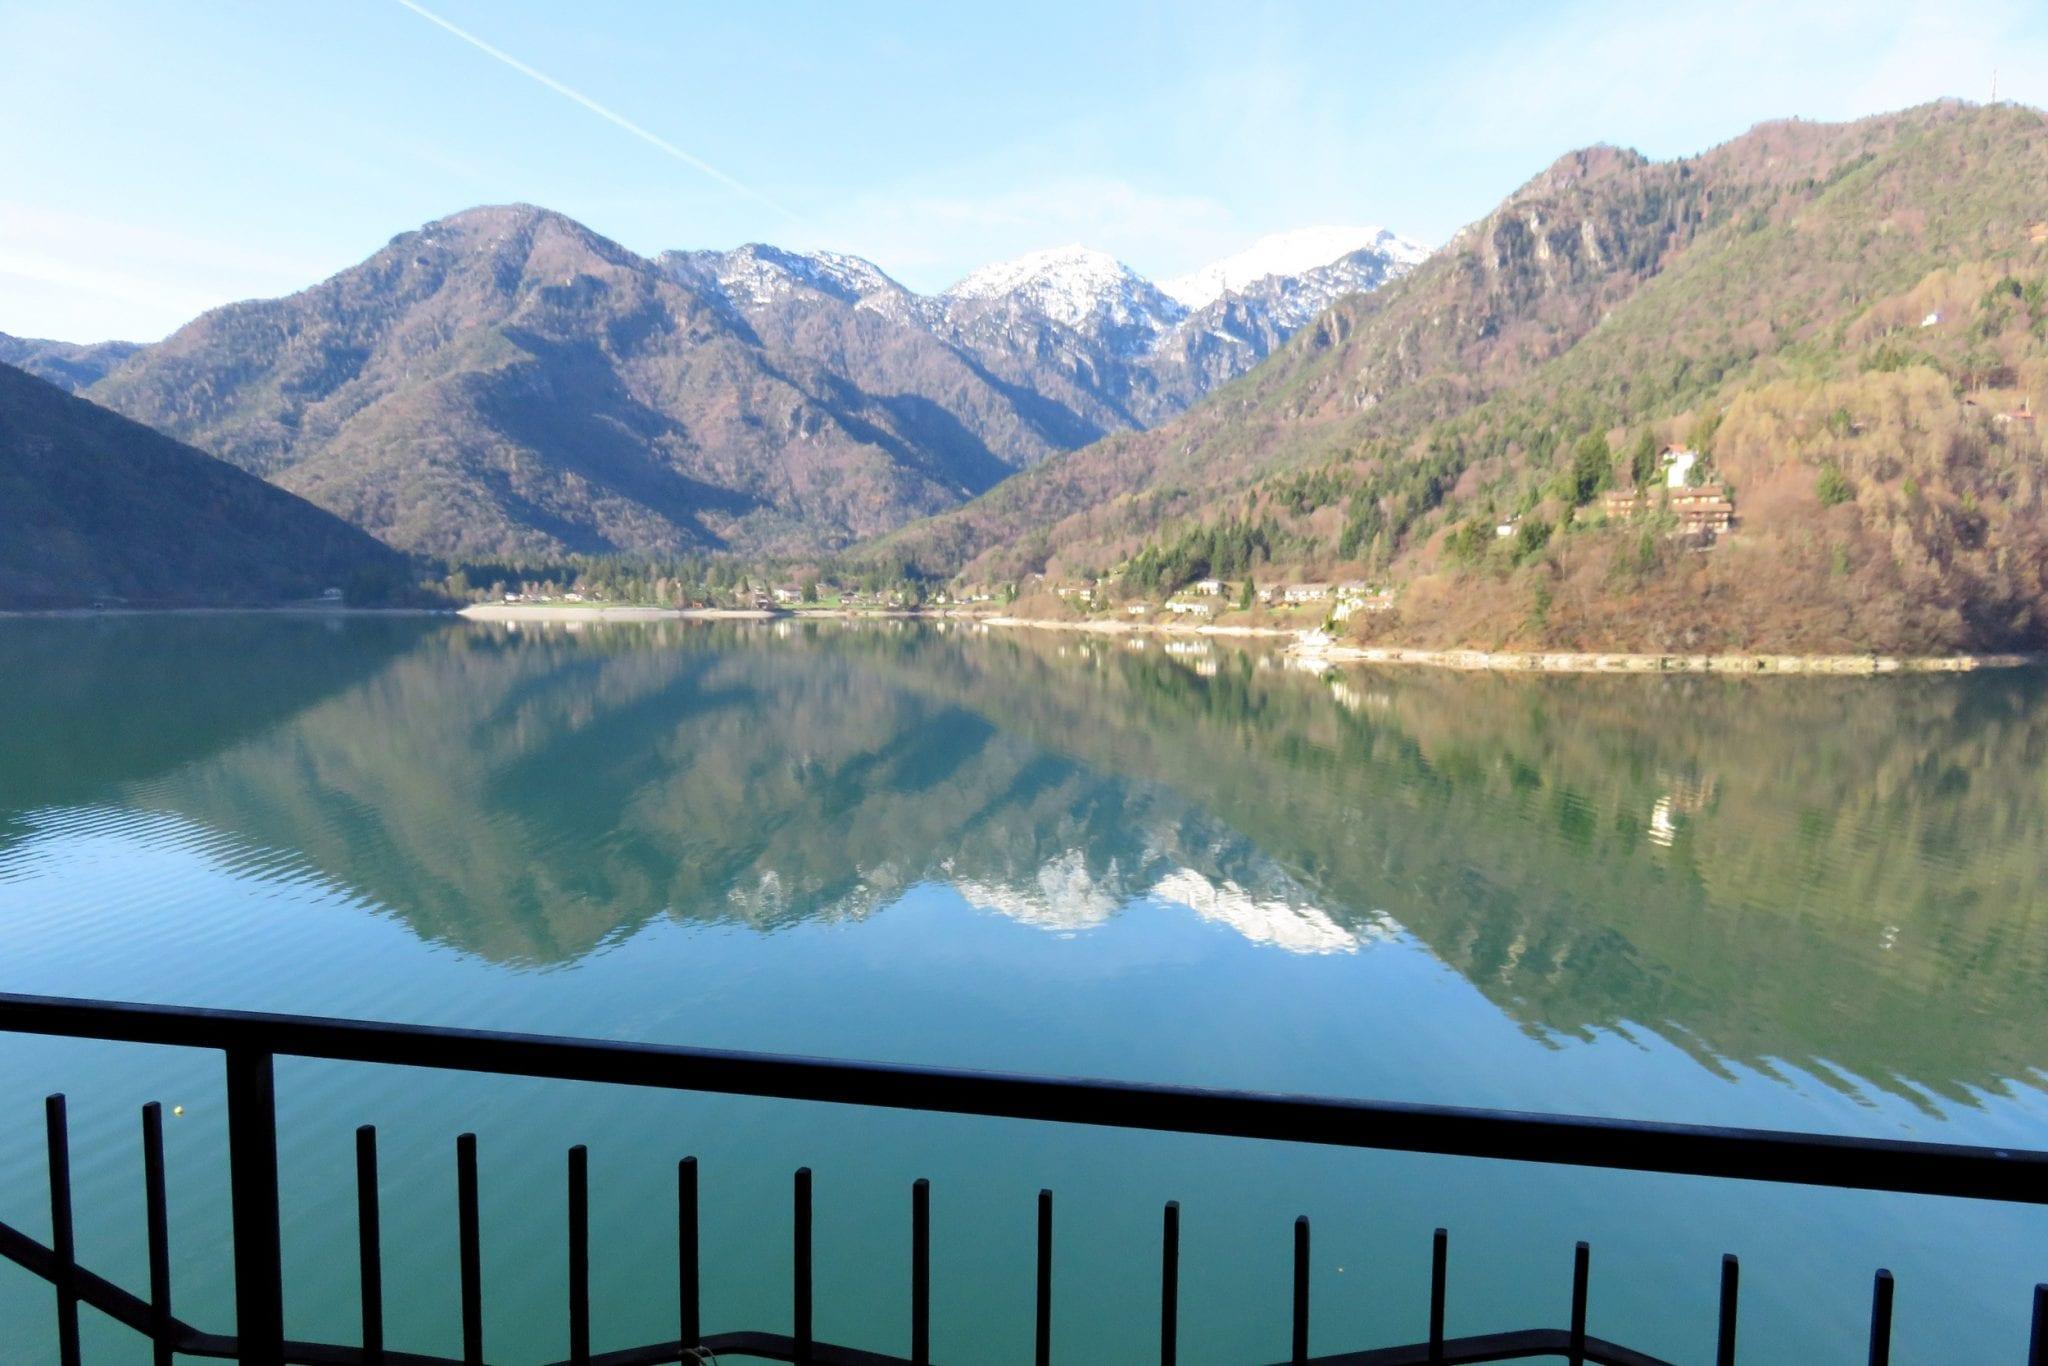 צפון איטליה מאורגן - הנוף במלון – ערוצים בטבע